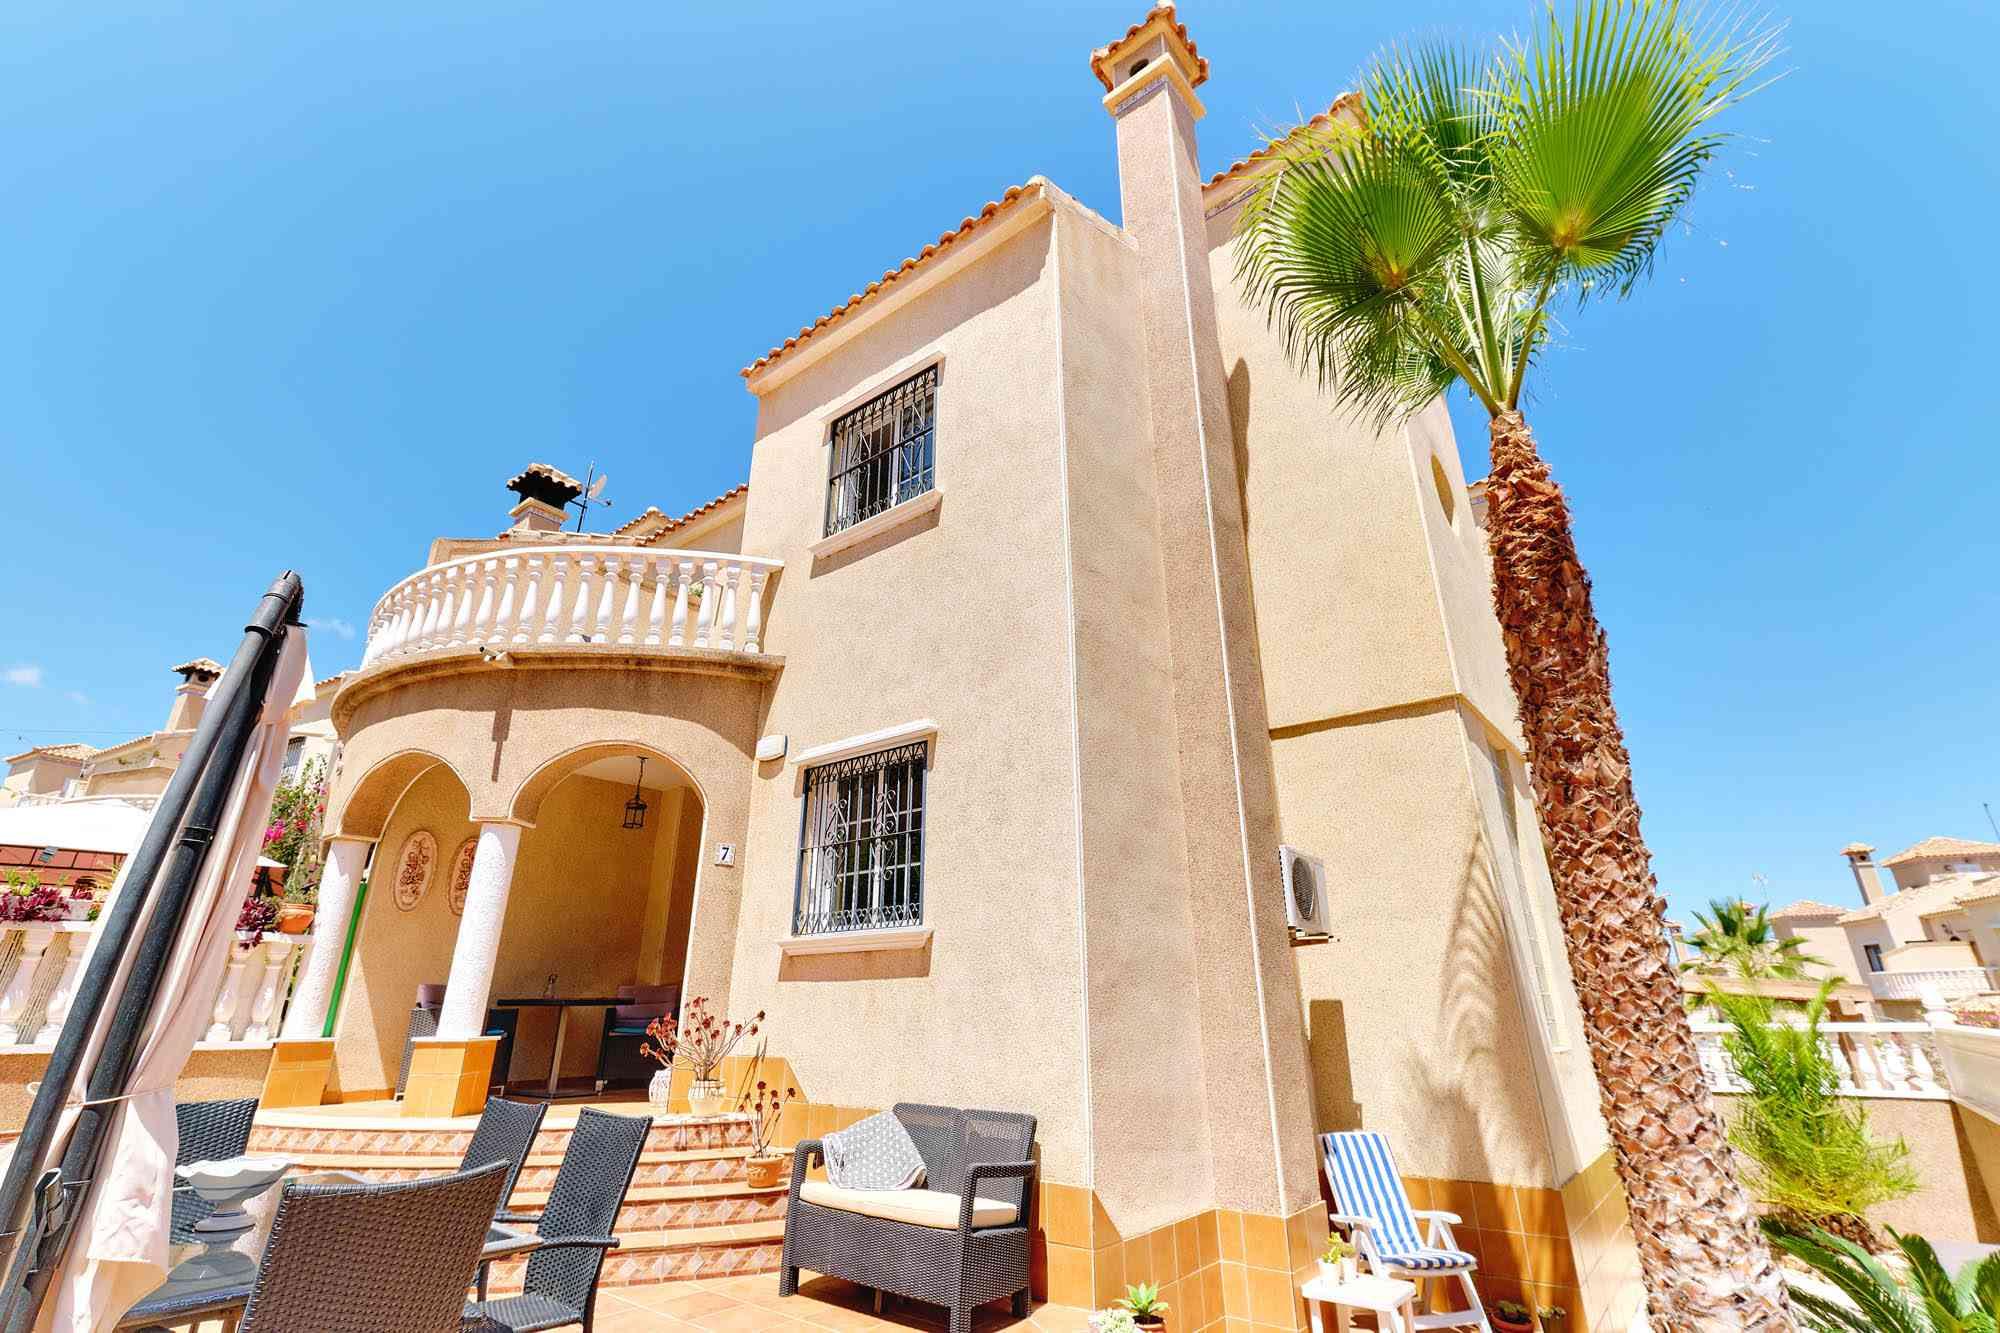 3 bedroom house / villa for sale in El Galan, Costa Blanca